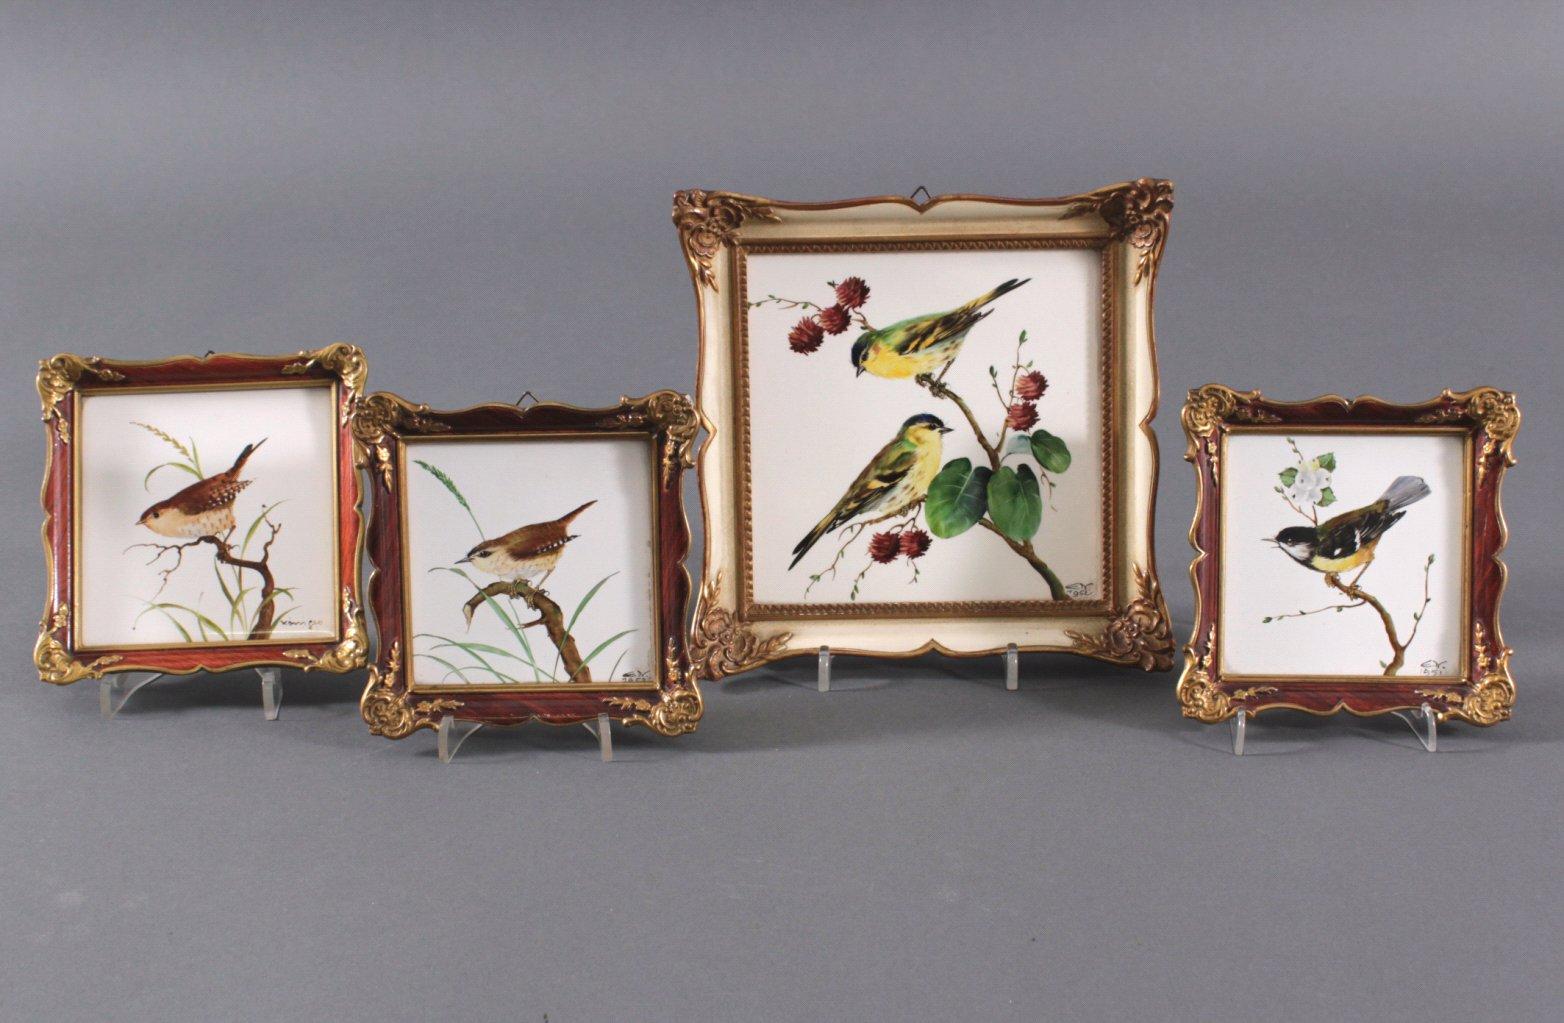 Rosenthal Wandbilder, 4 Stück